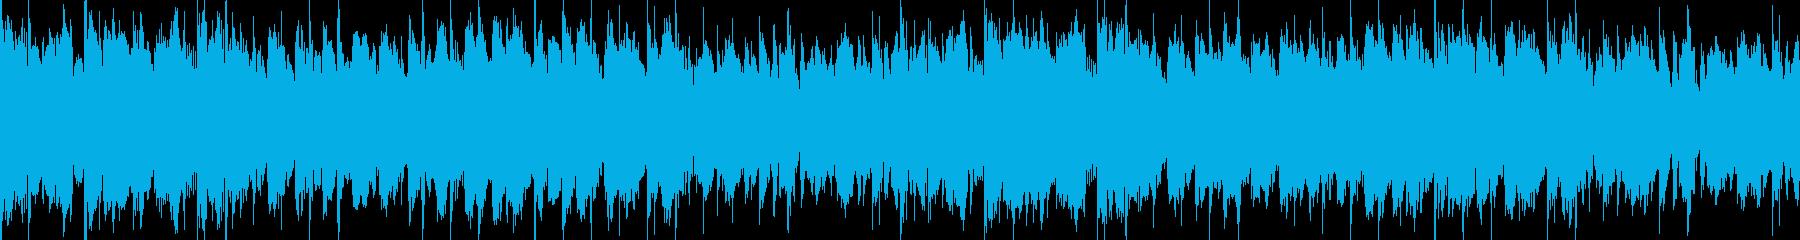 ダンジョン7 RPG ゲーム 30秒の再生済みの波形